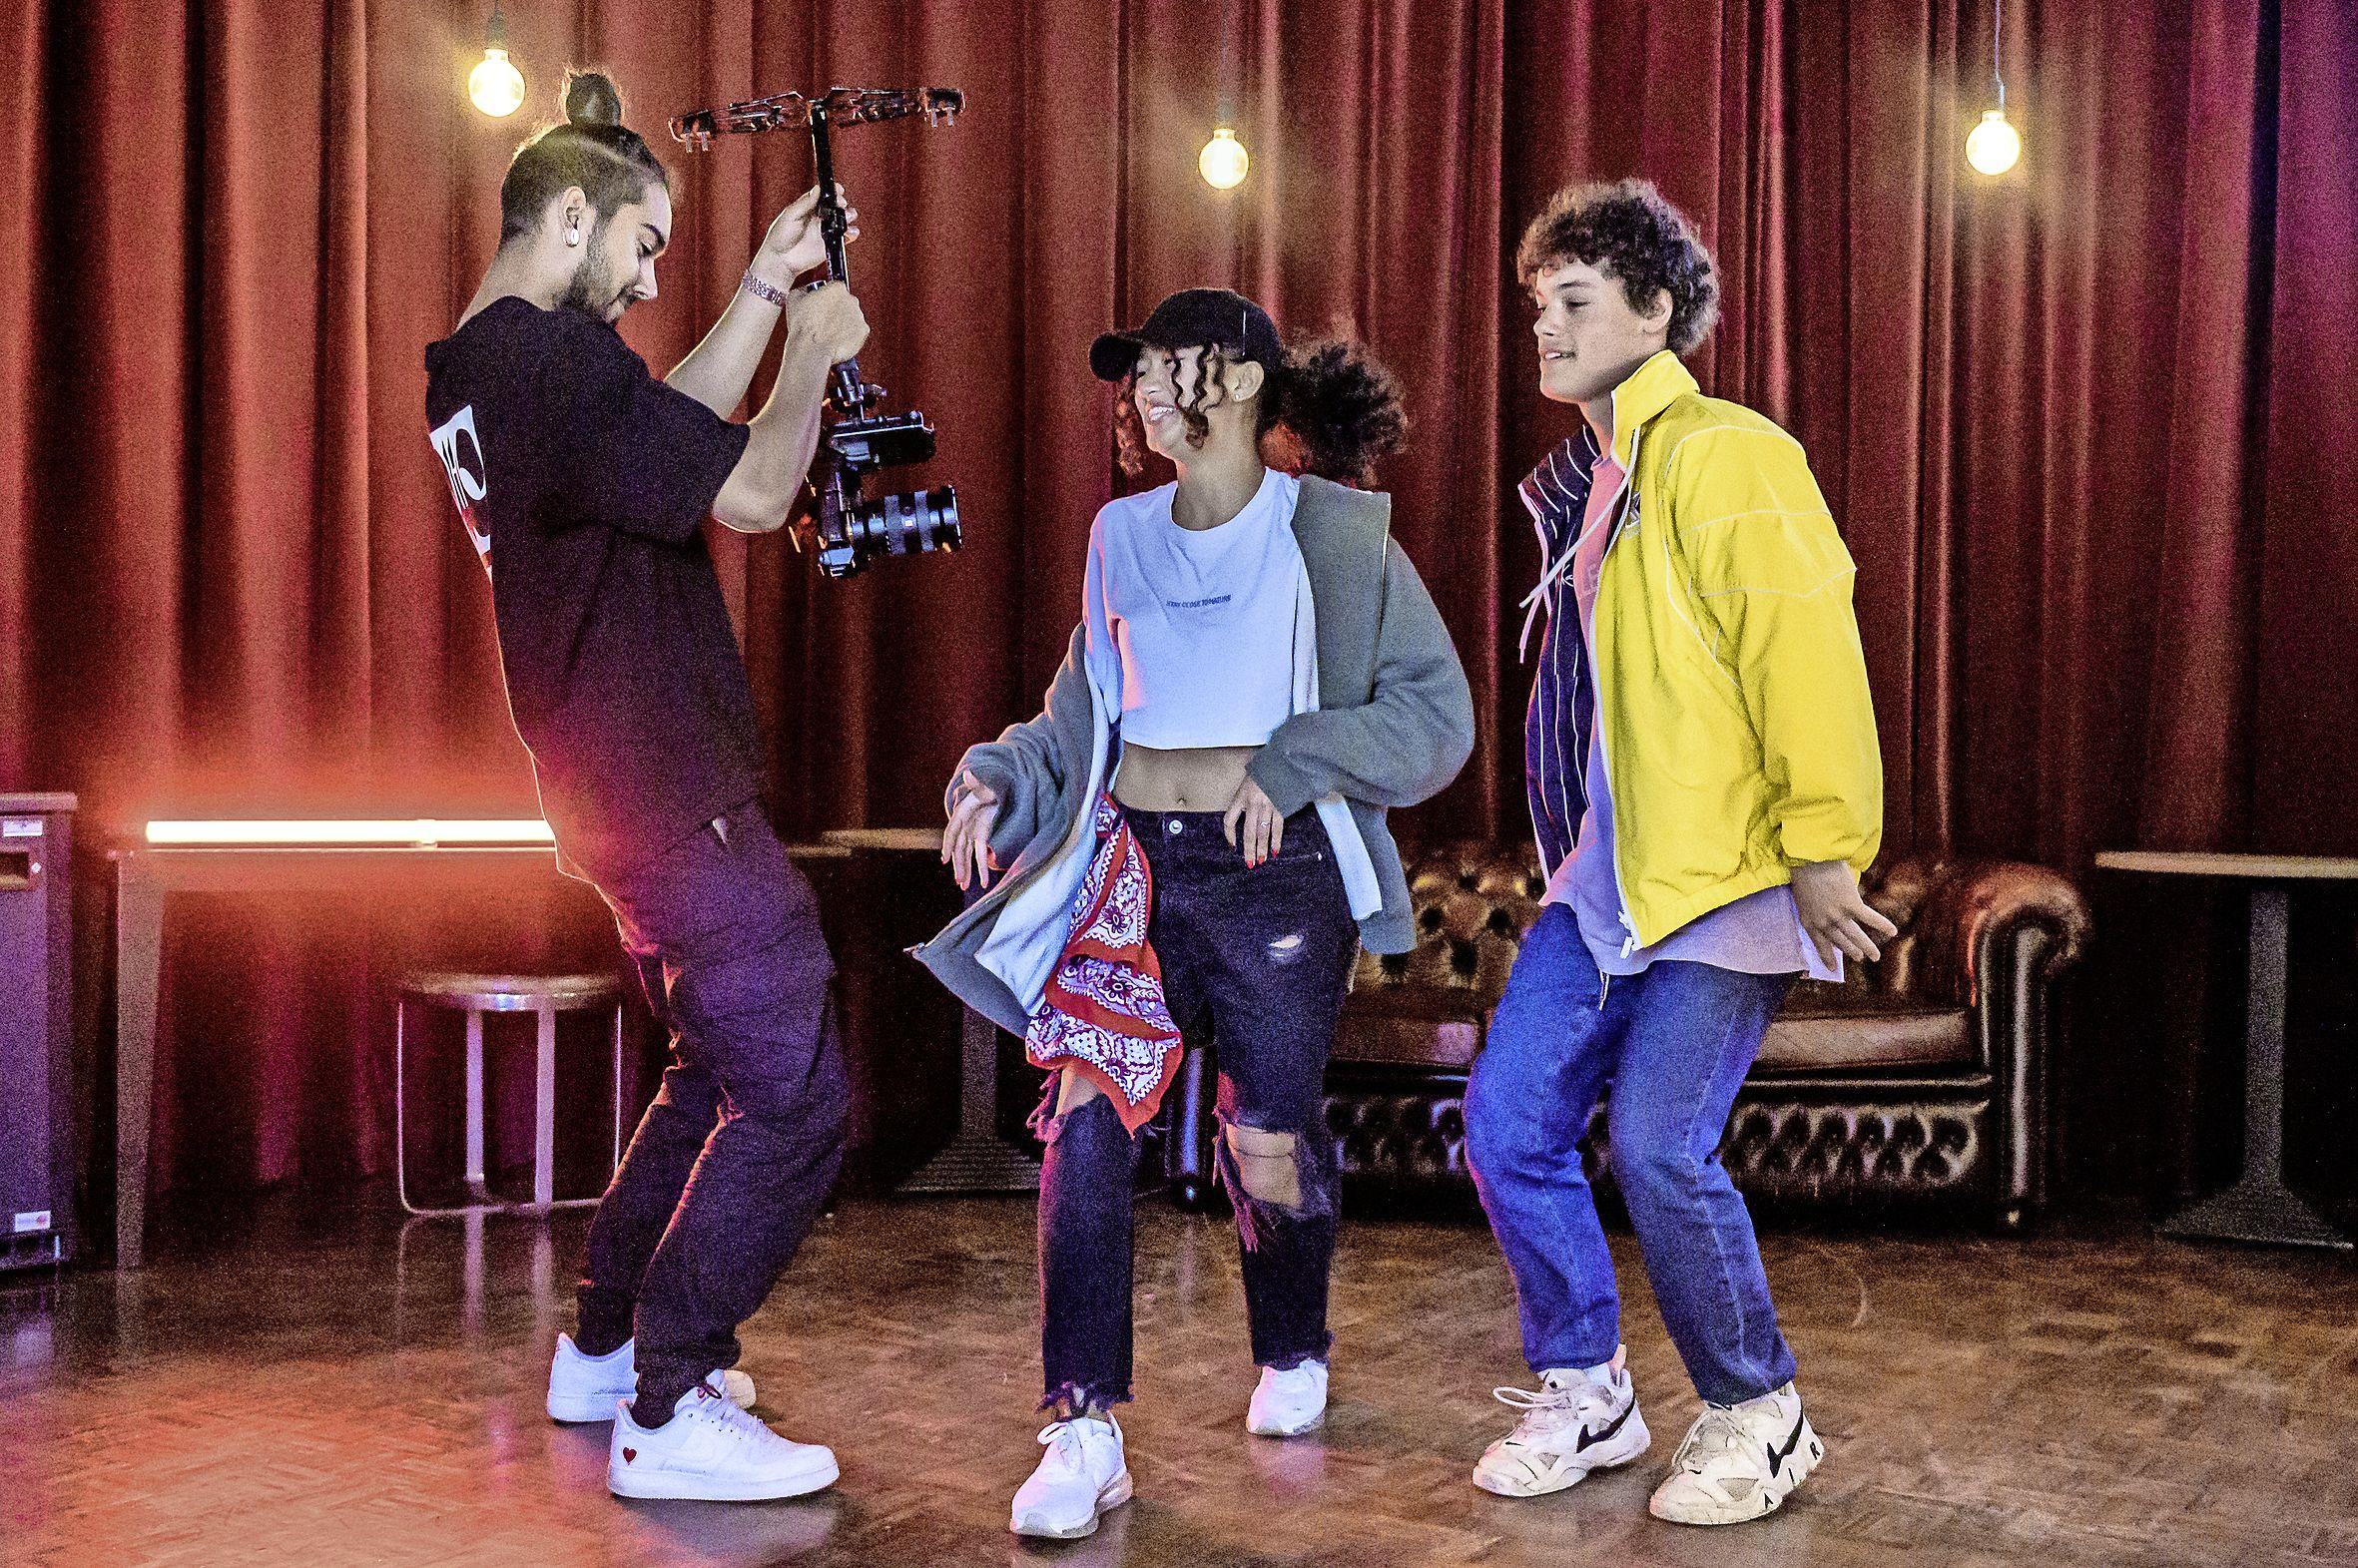 Talentenshow Zaanstormend vindt dit jaar online plaats, de jonge deelnemers tonen hun acts in zelfgemaakte videoclips